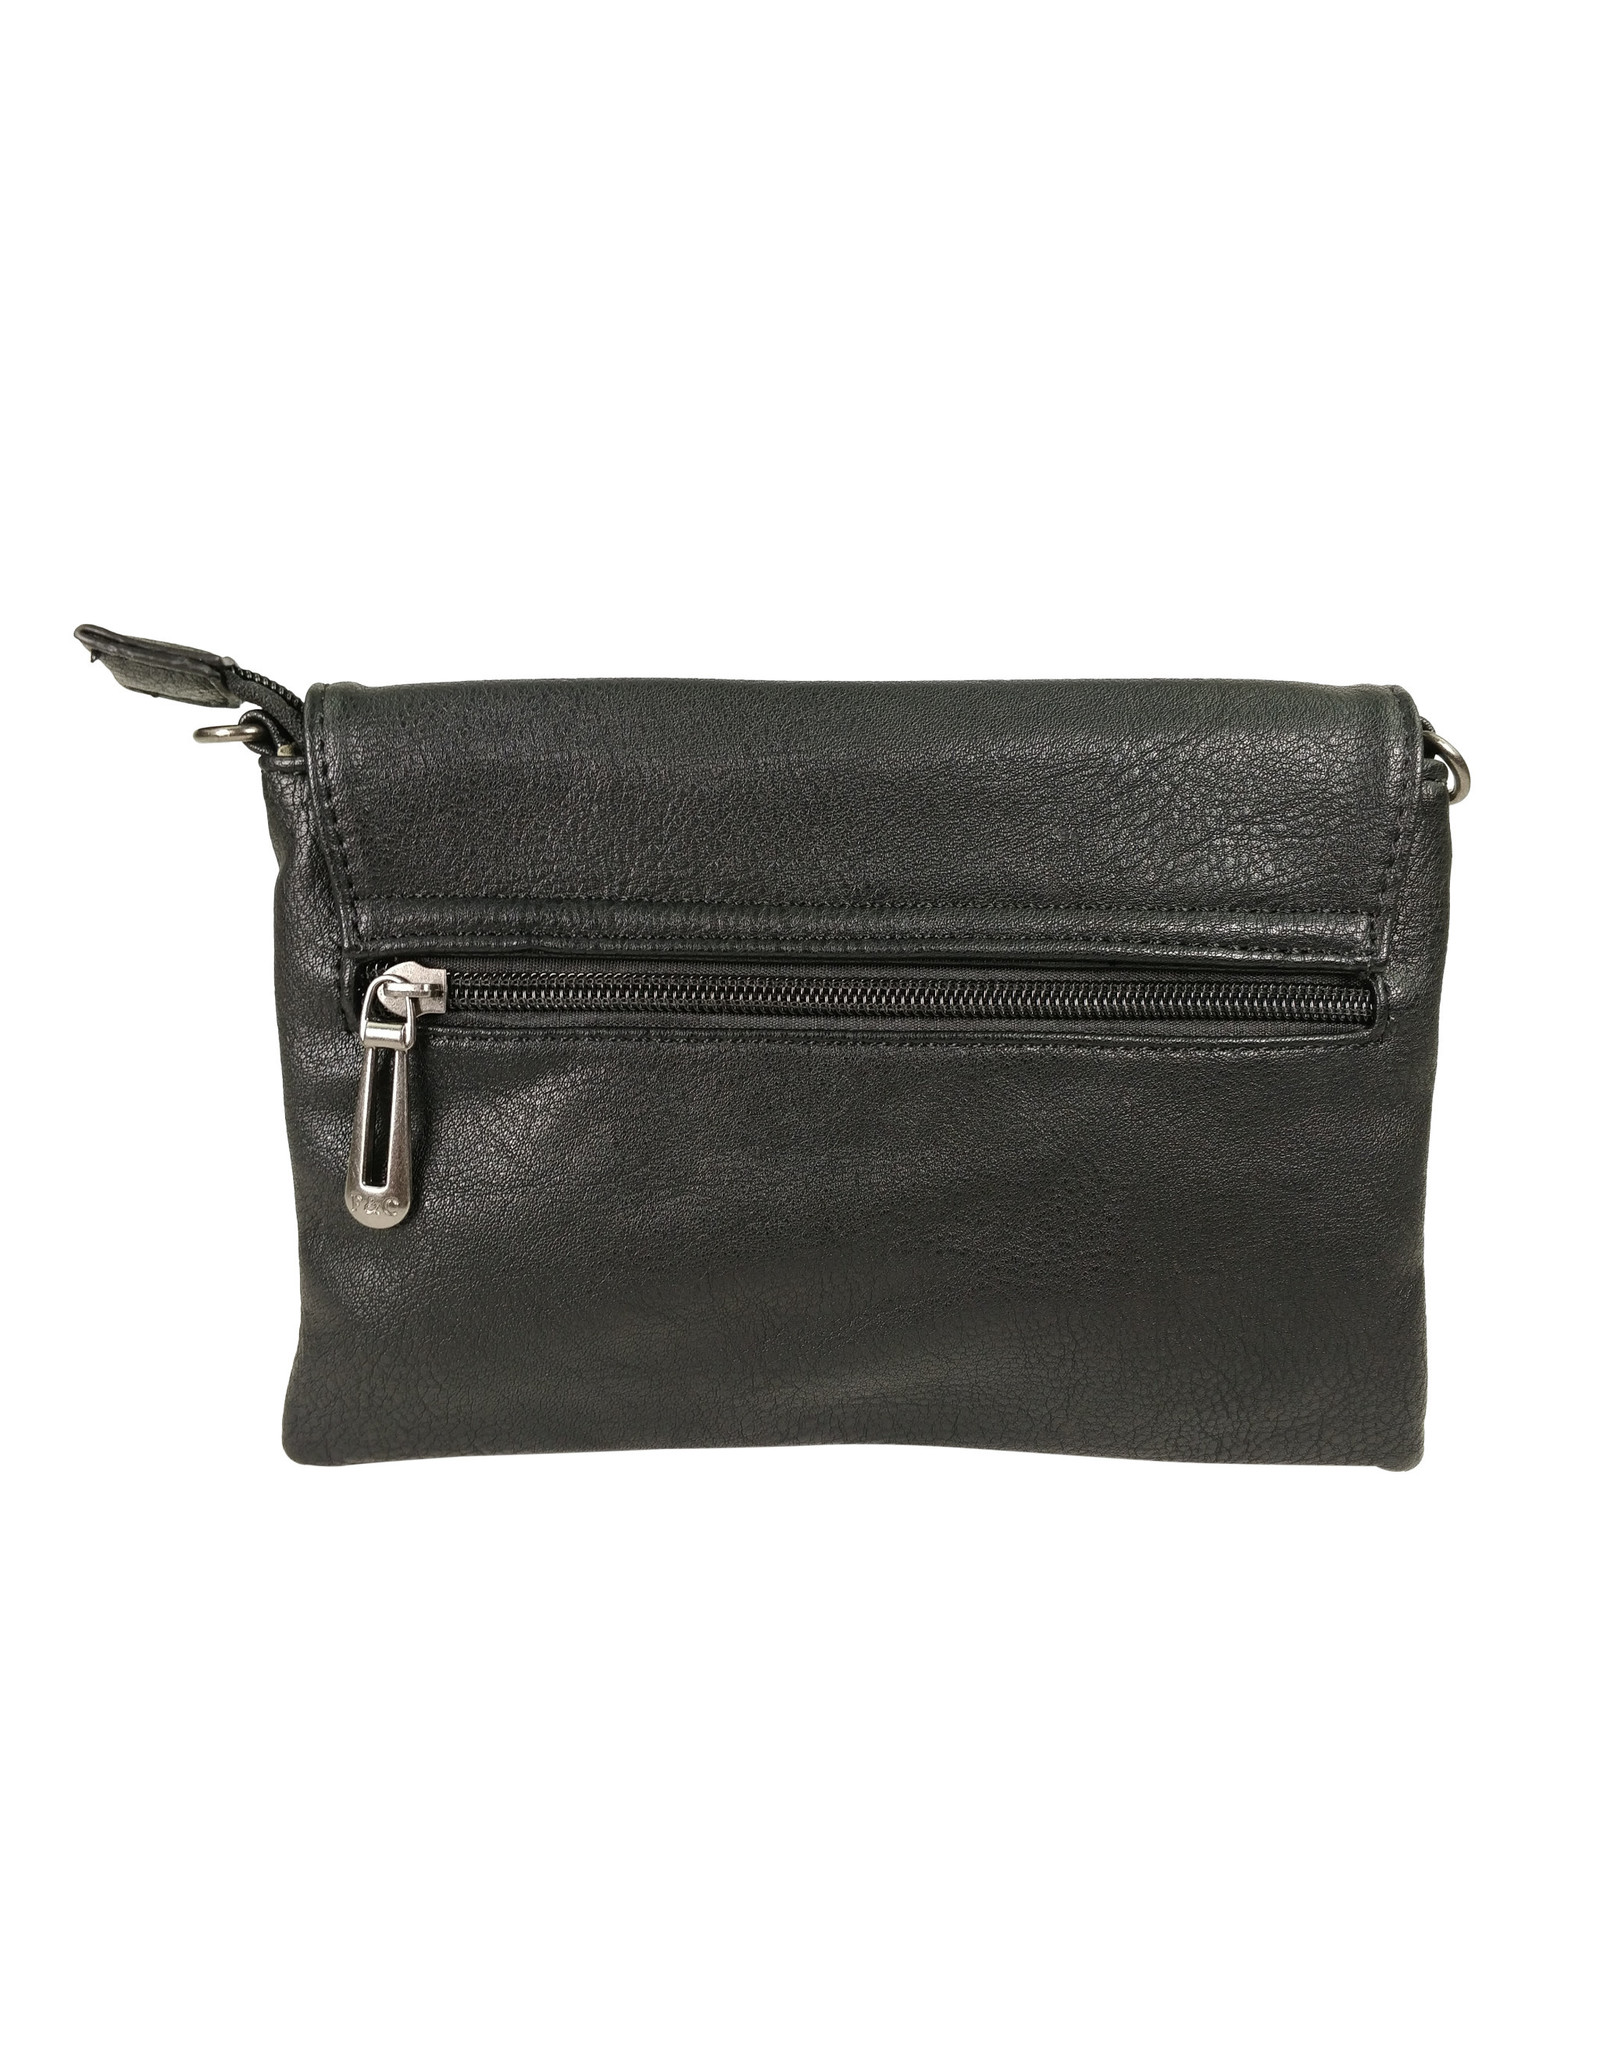 Handtasje/clutch zwart